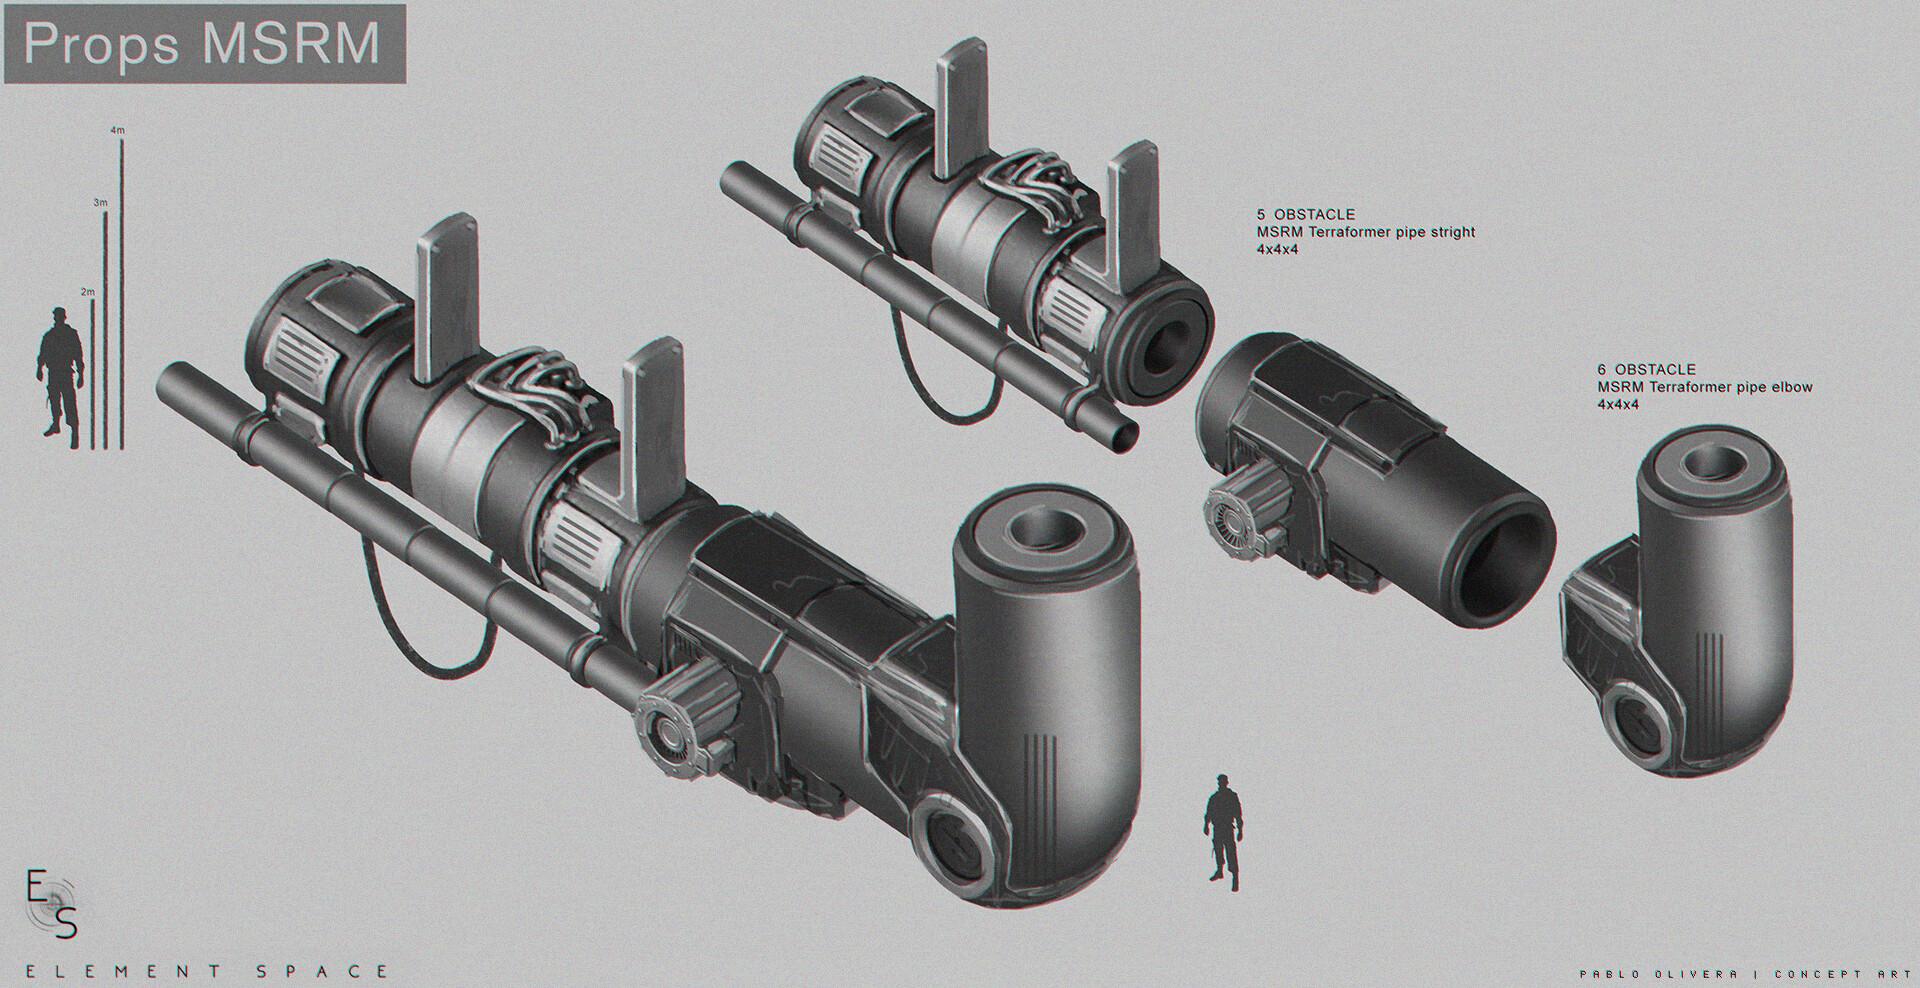 Pablo olivera element space props msrm v09 tubos final